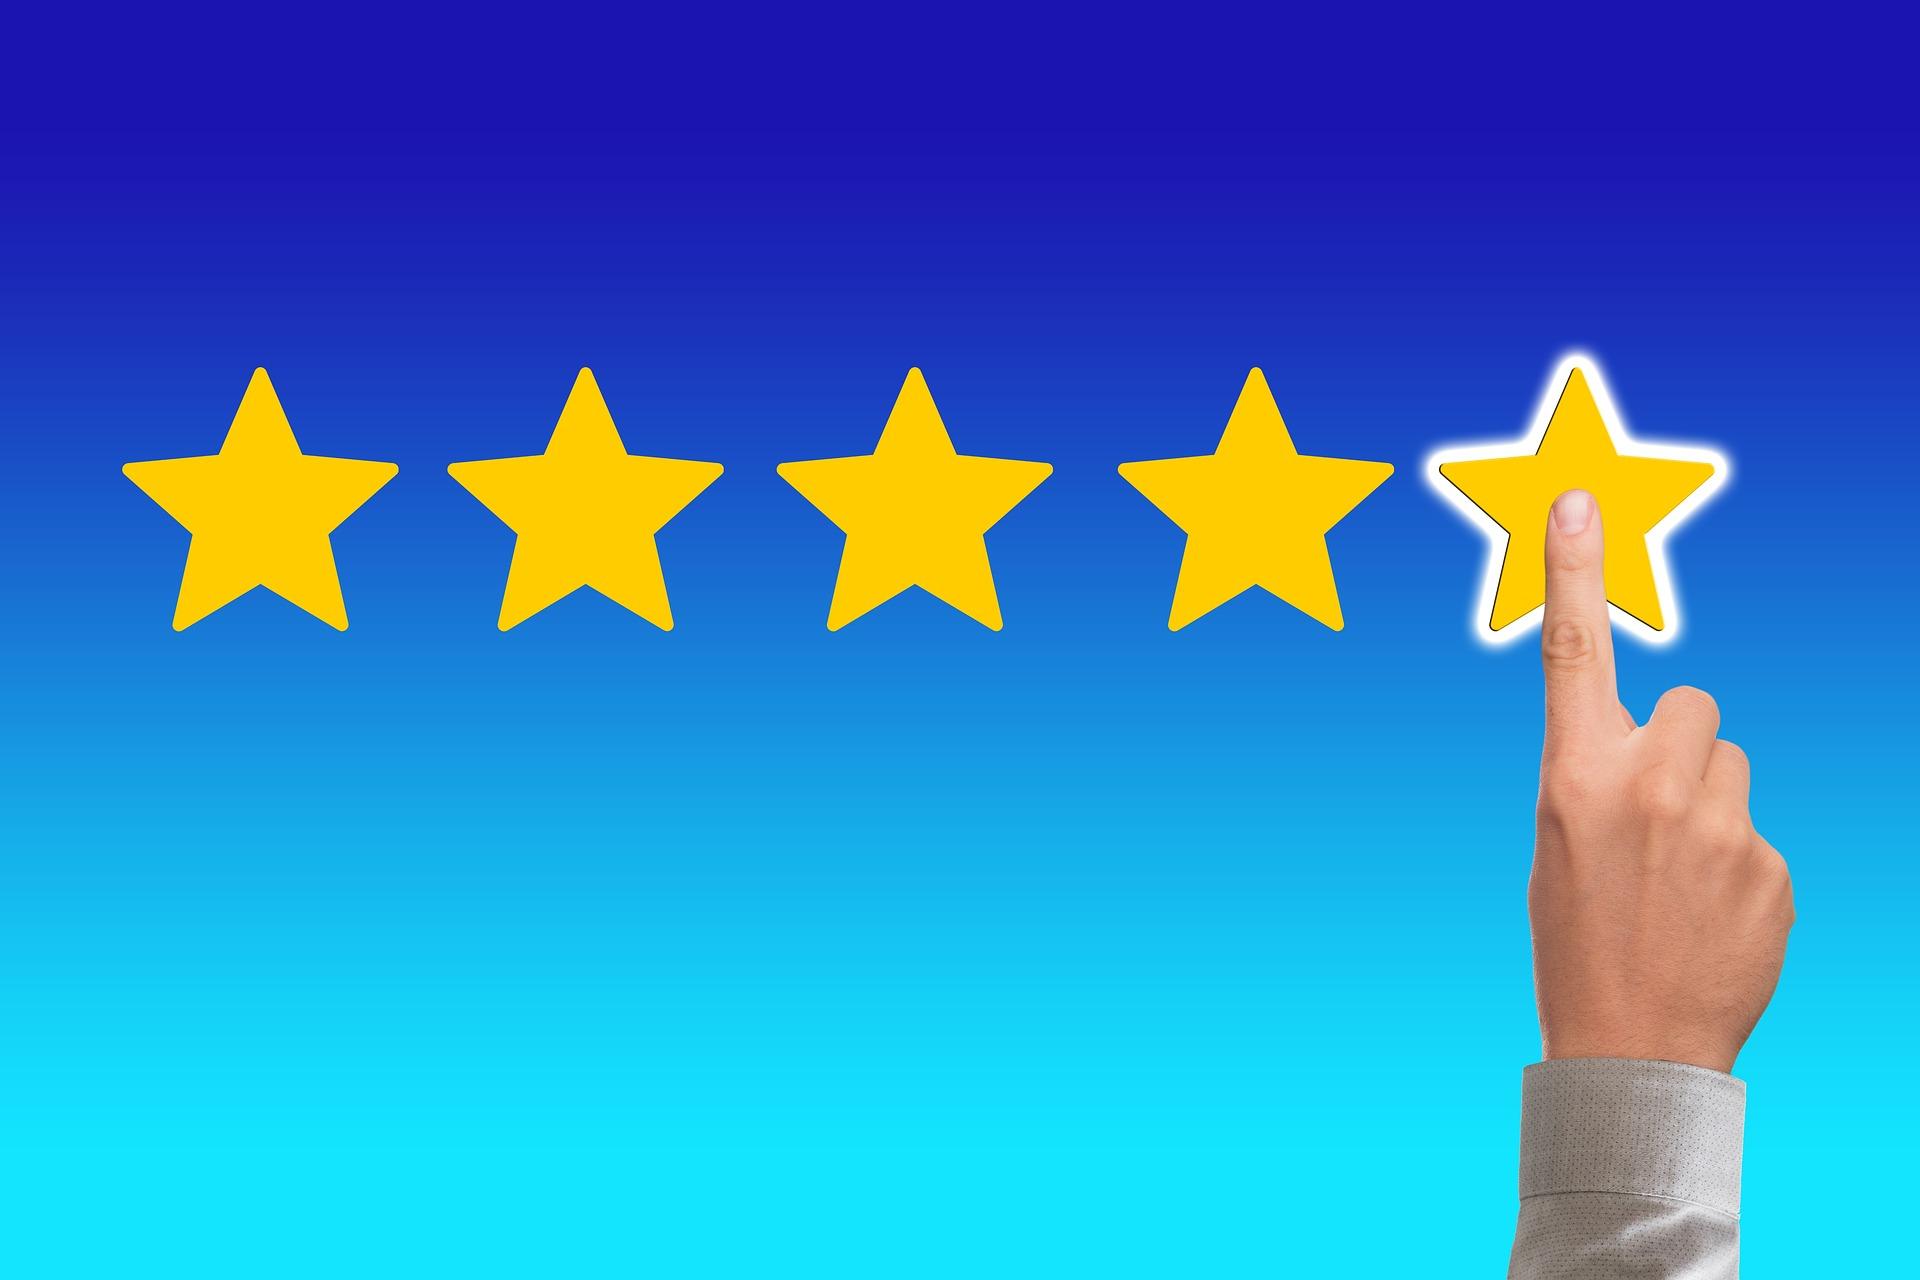 Review Zorgvergelijker.nl